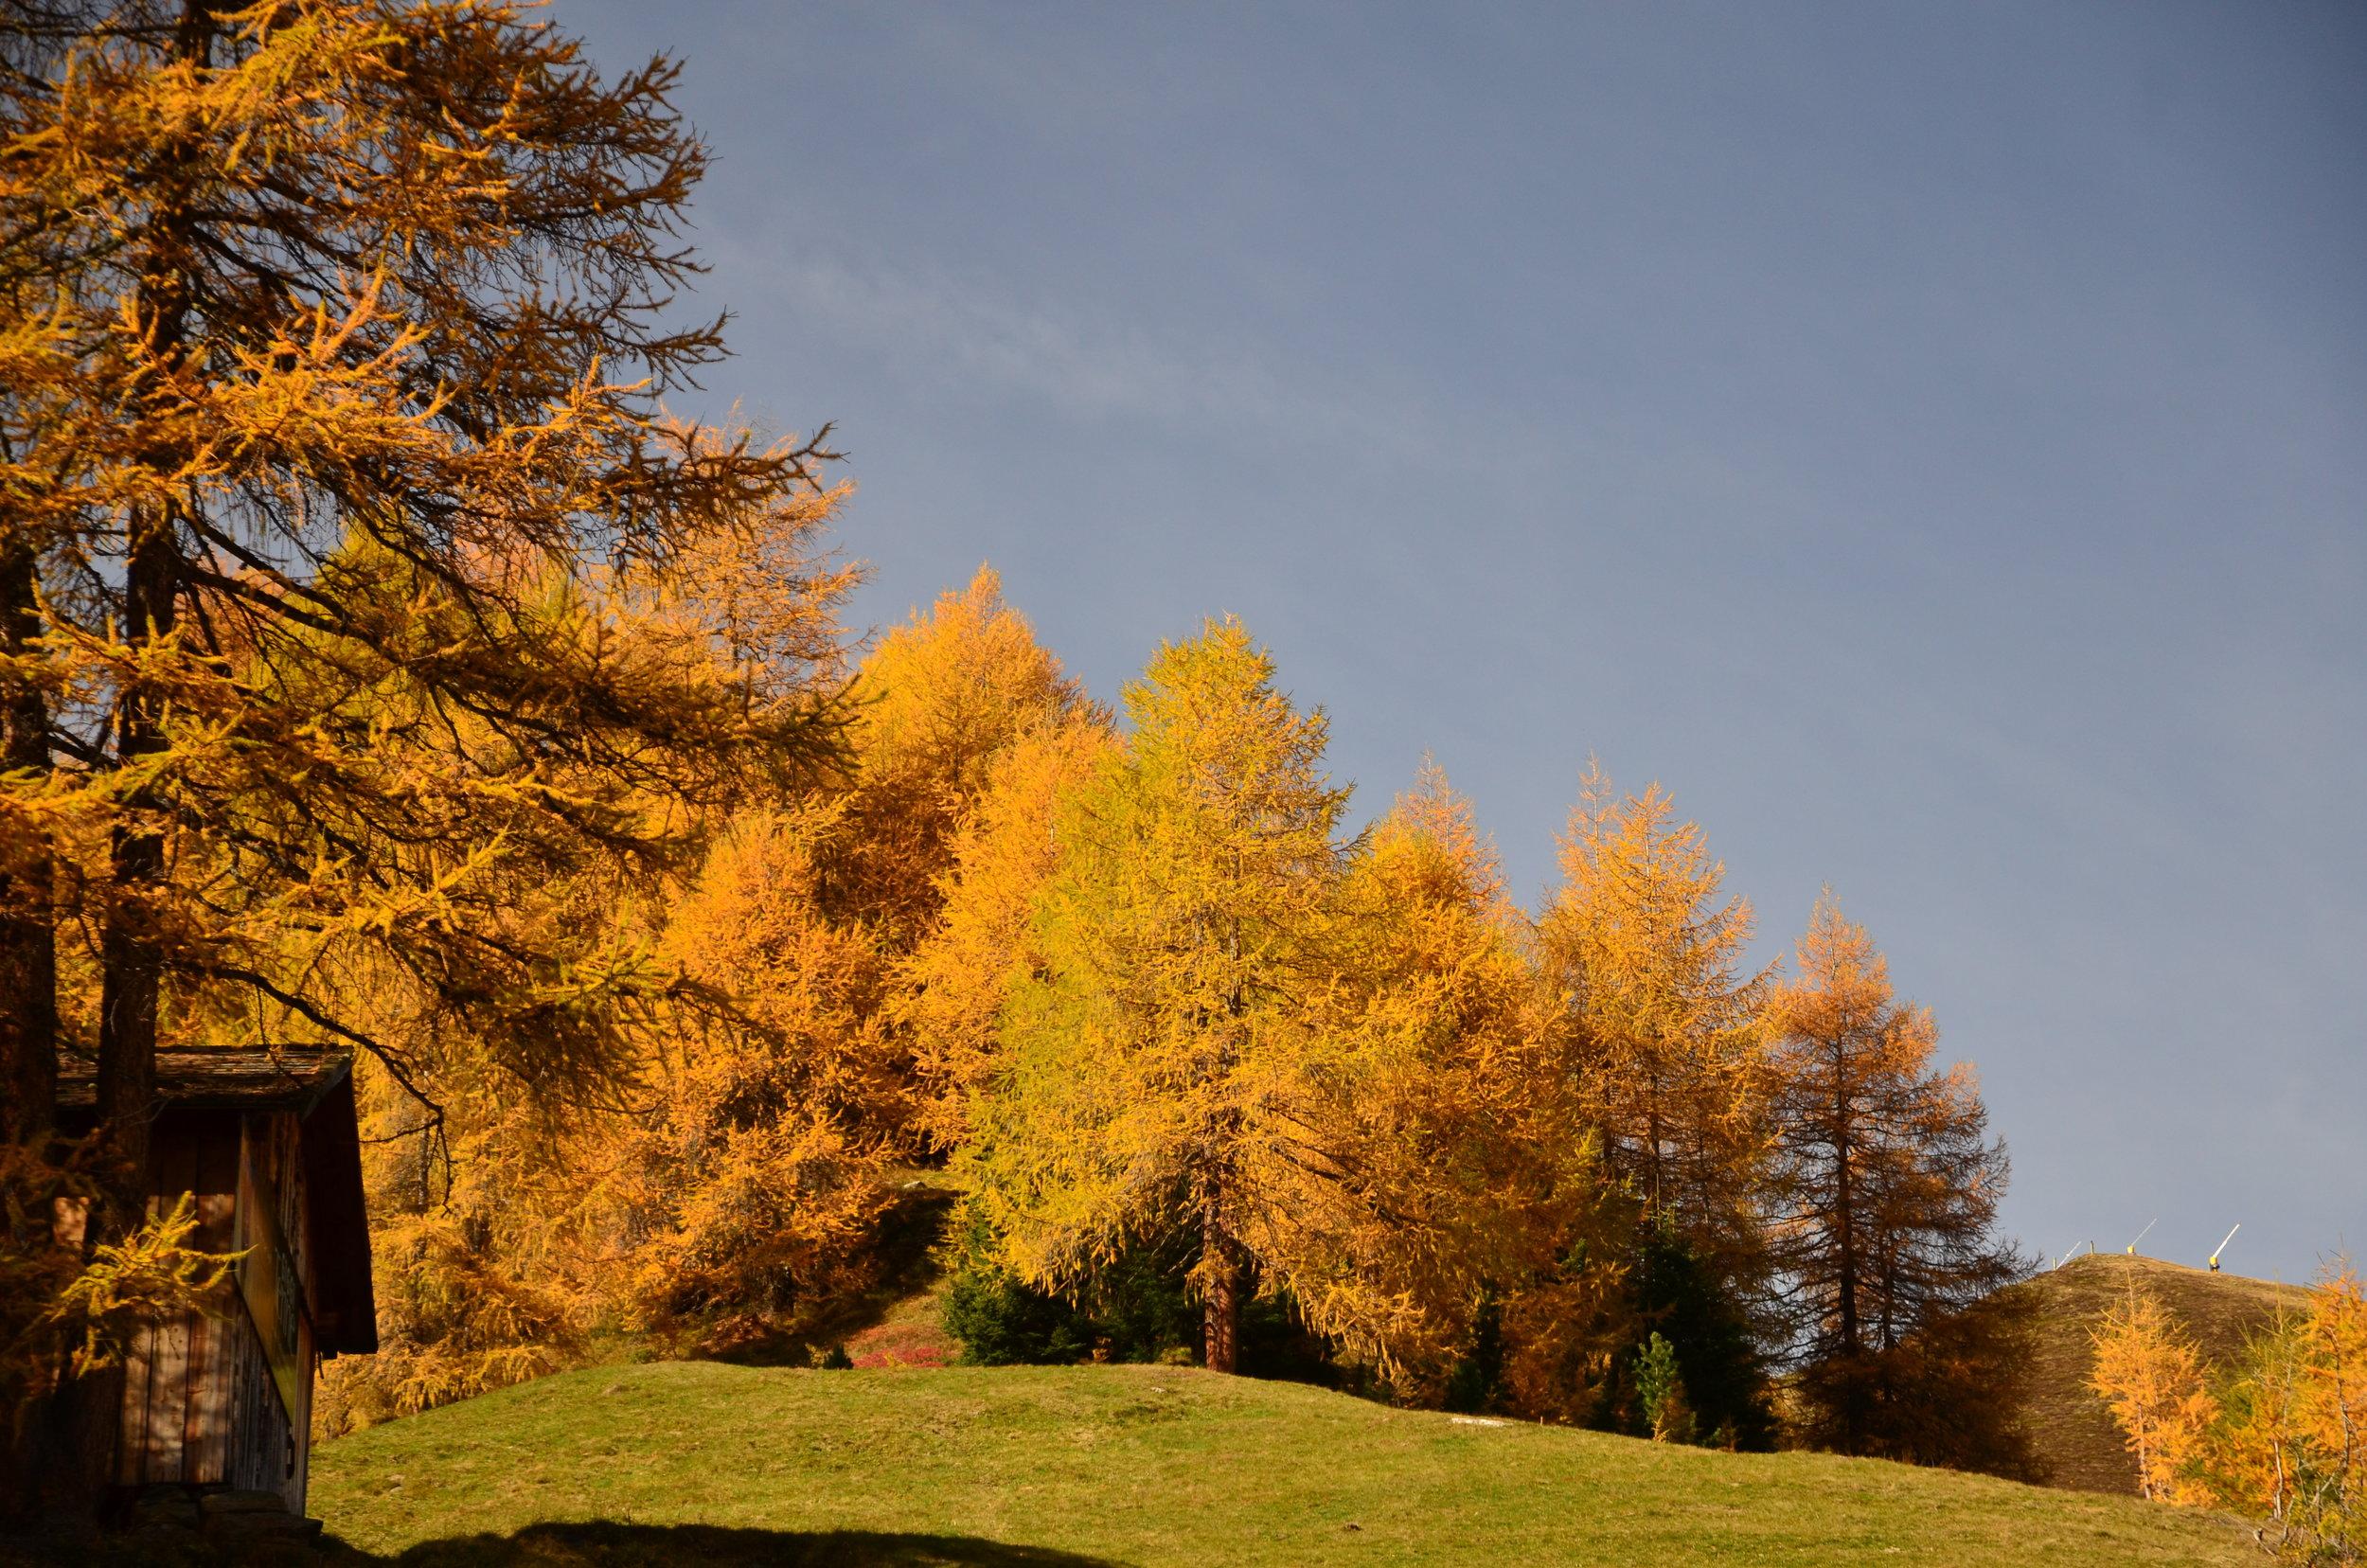 Ötztal_Chalet_Tirol_Herbstlandschaft_Bäume.JPG